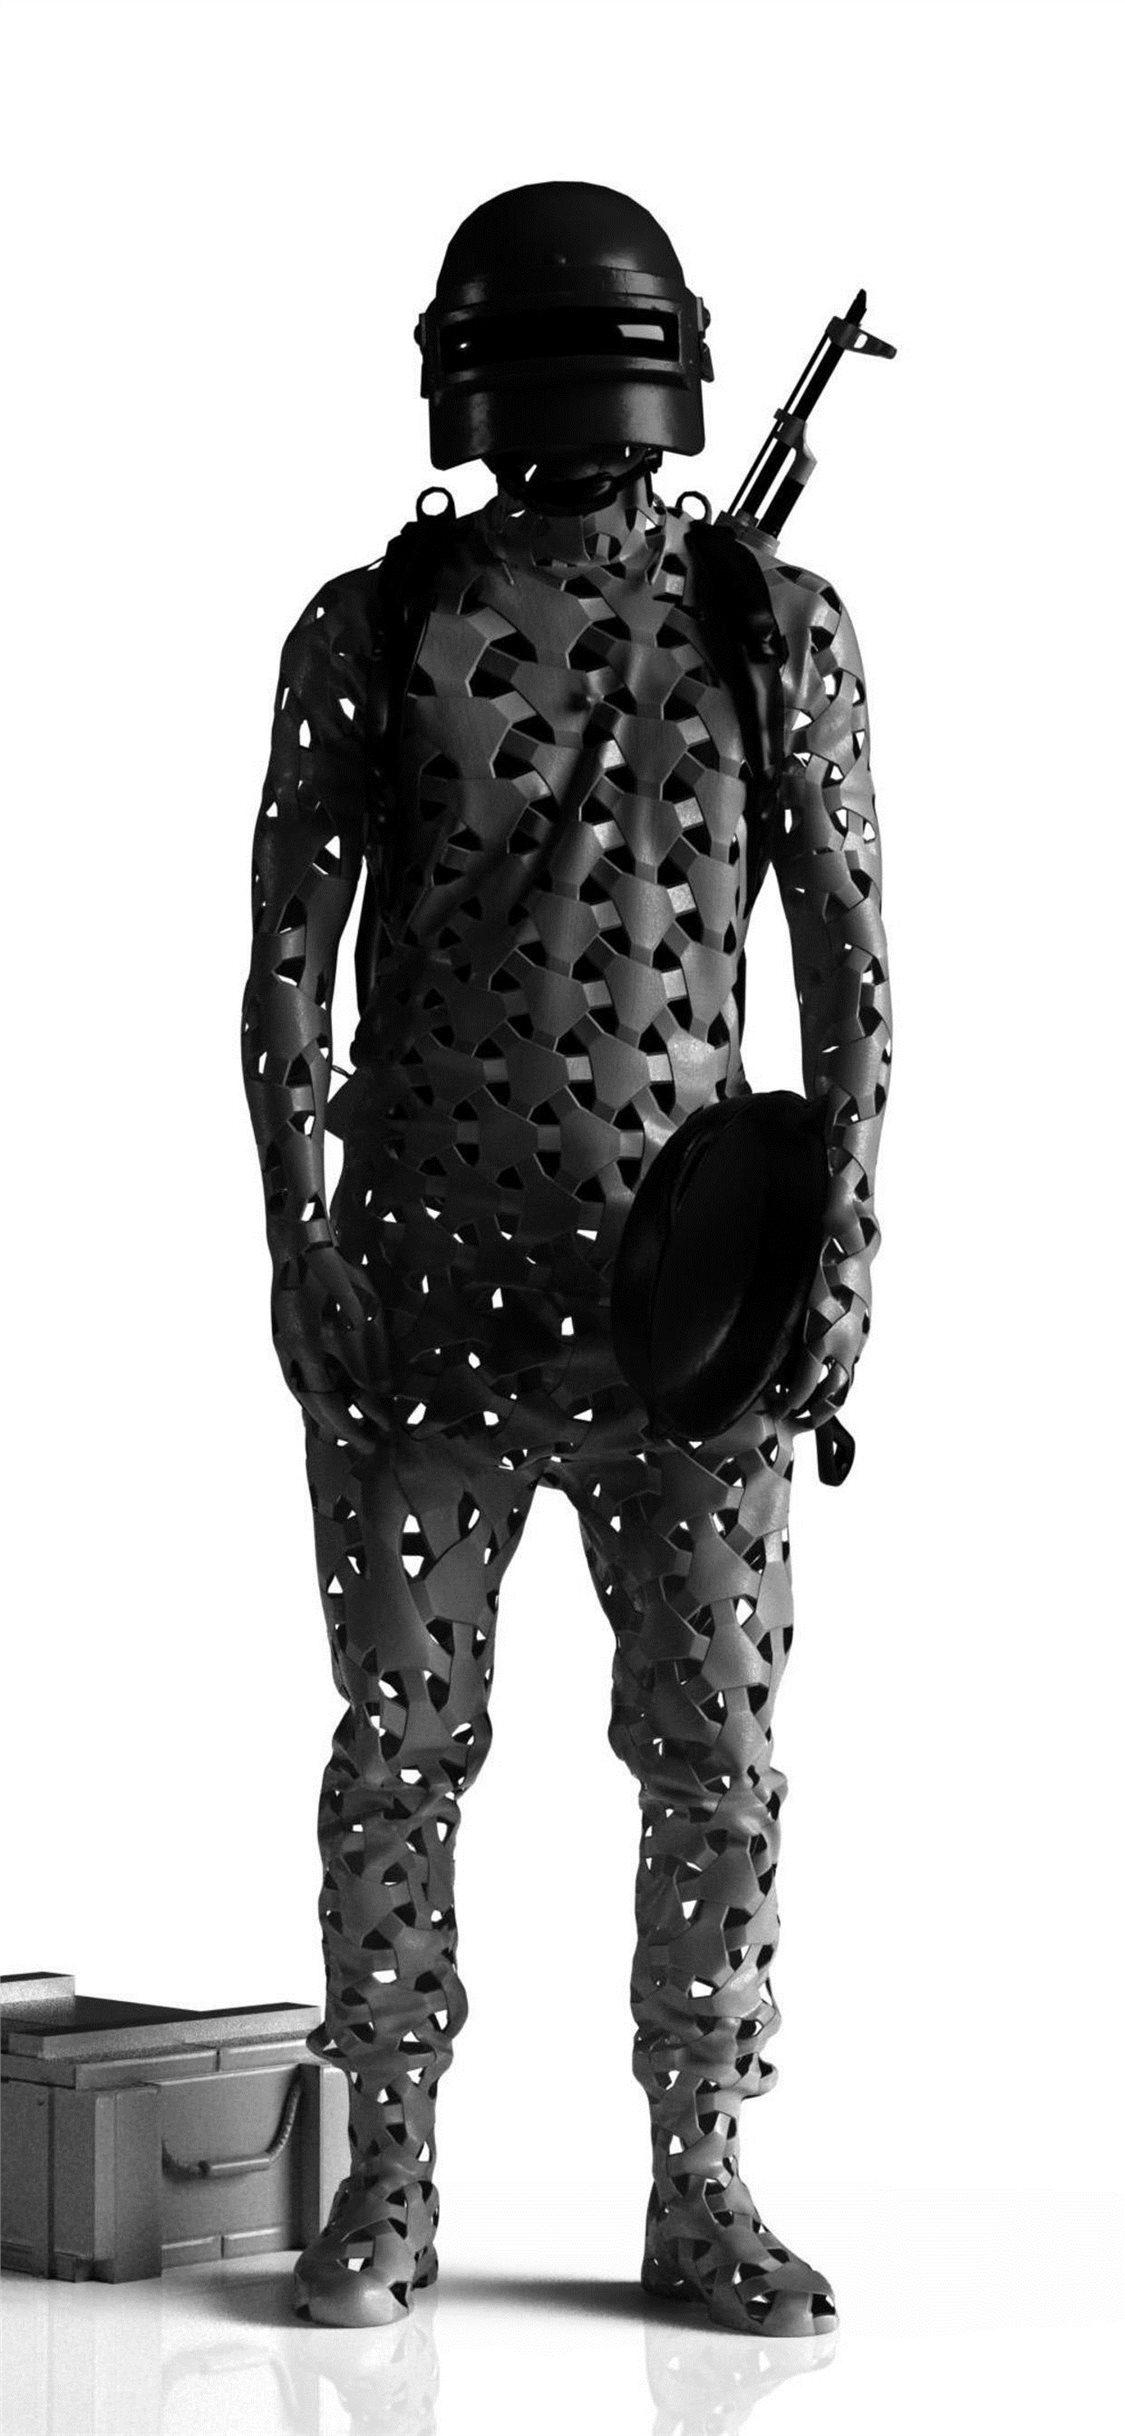 Pubg Black Wallpaper Hd 4k 1125x2436 Wallpaper Teahub Io